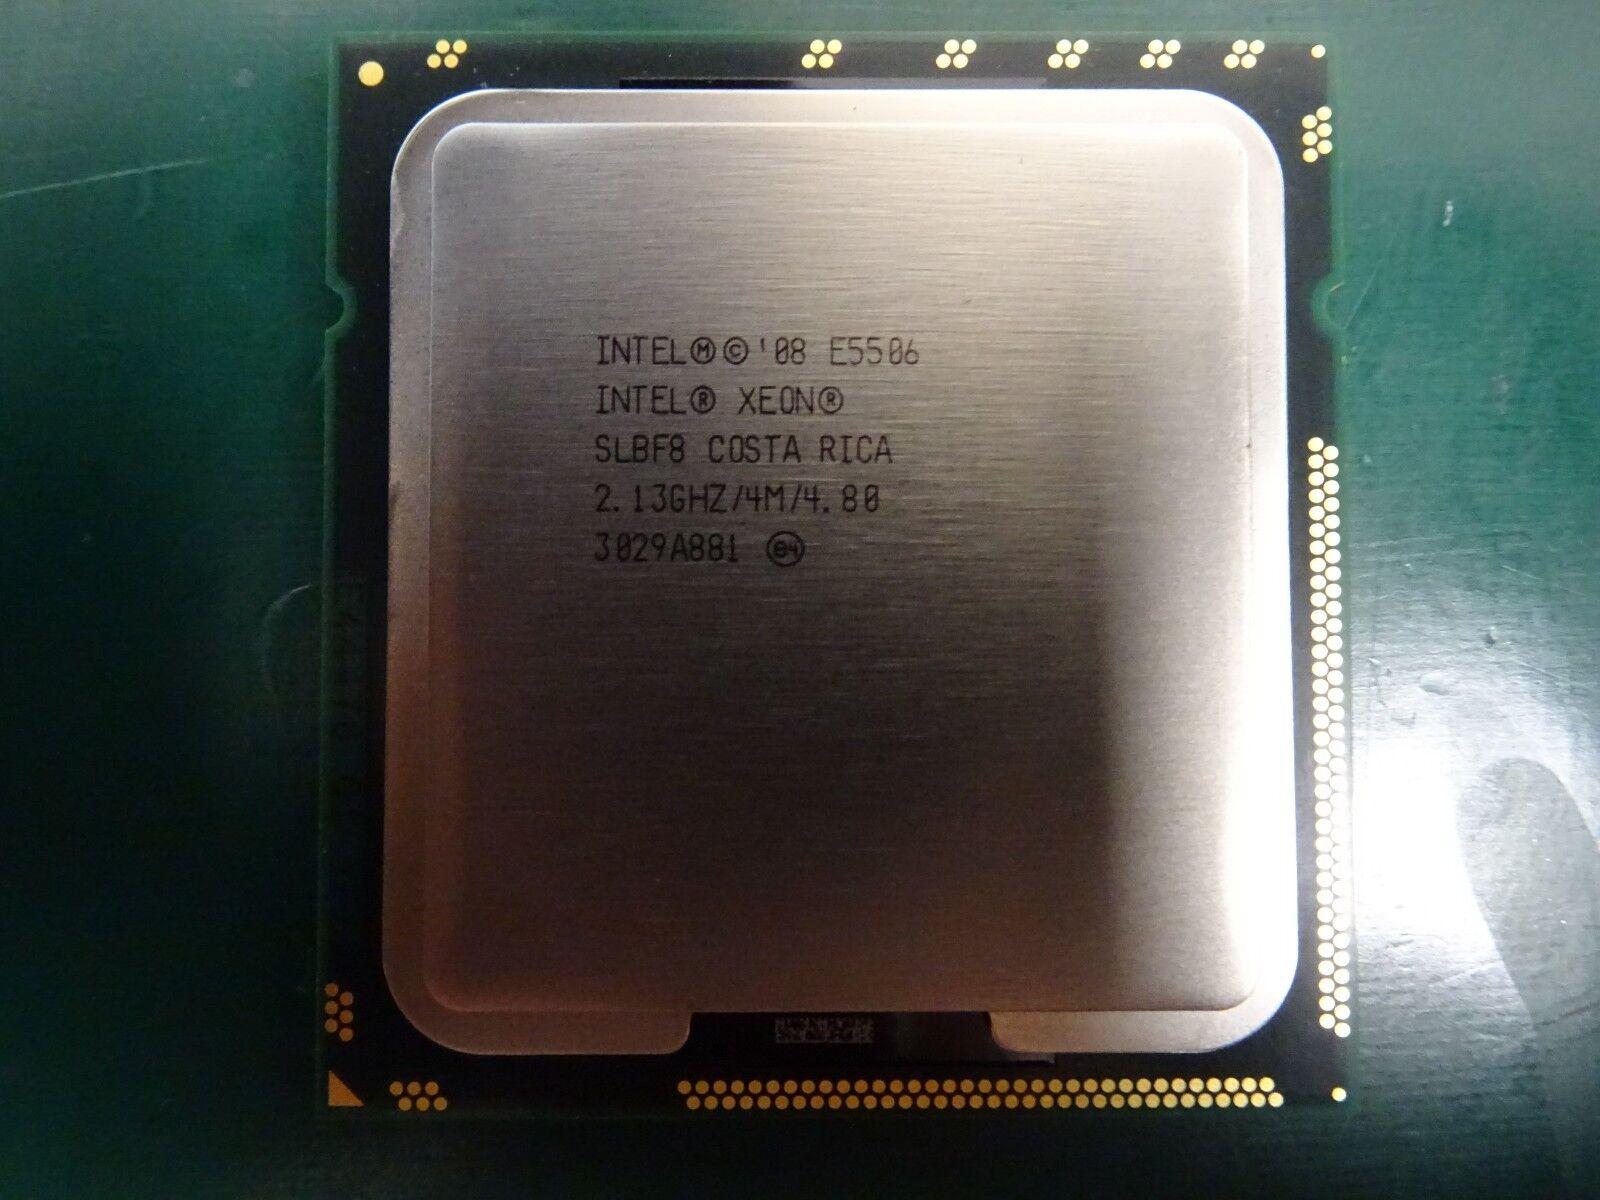 Intel Xeon E5506 CPU 2.13GHz 4MB Cache 4.8GT//s LGA1366 Quad Core Processor SLBF8